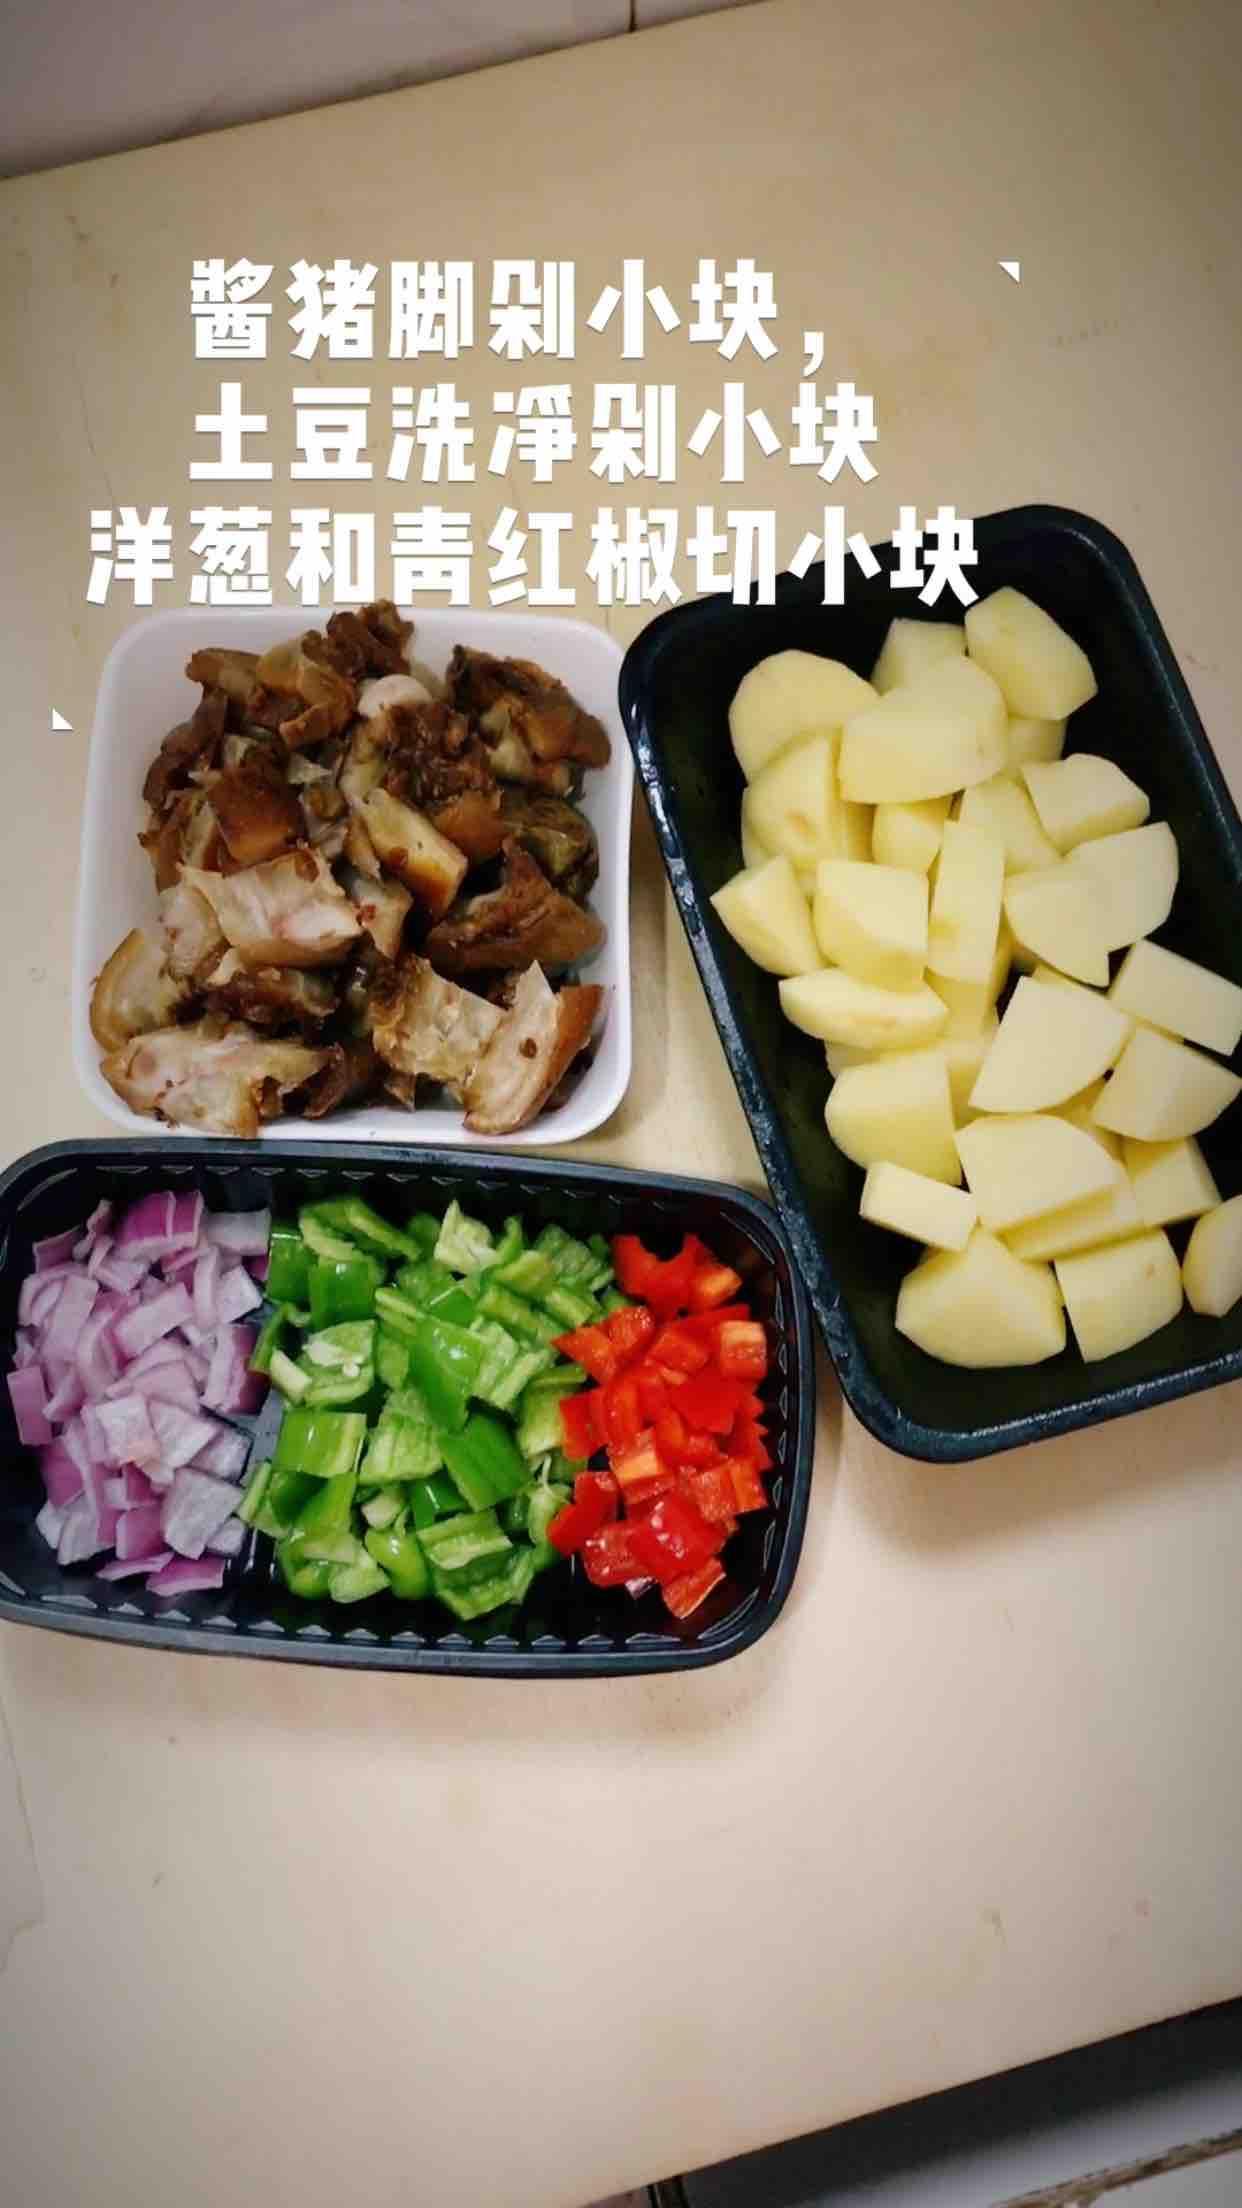 土豆焖猪手的做法图解